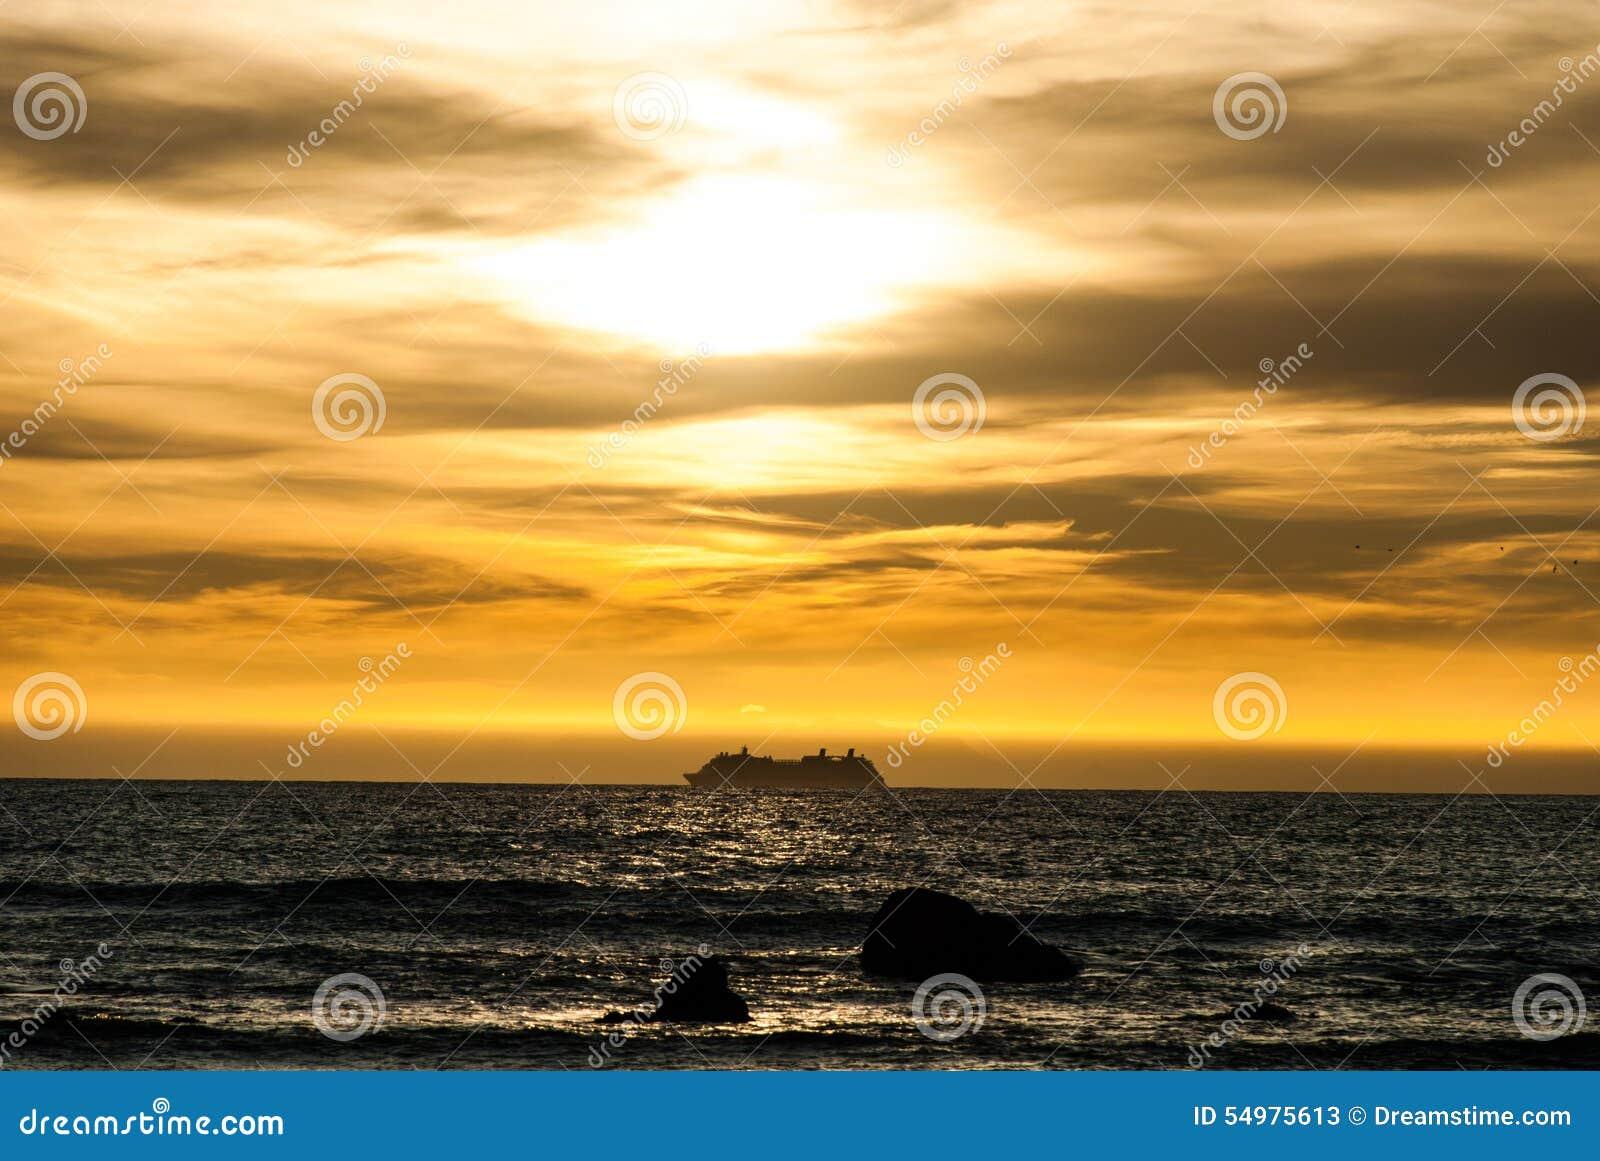 Solnedgång över kocks kanal